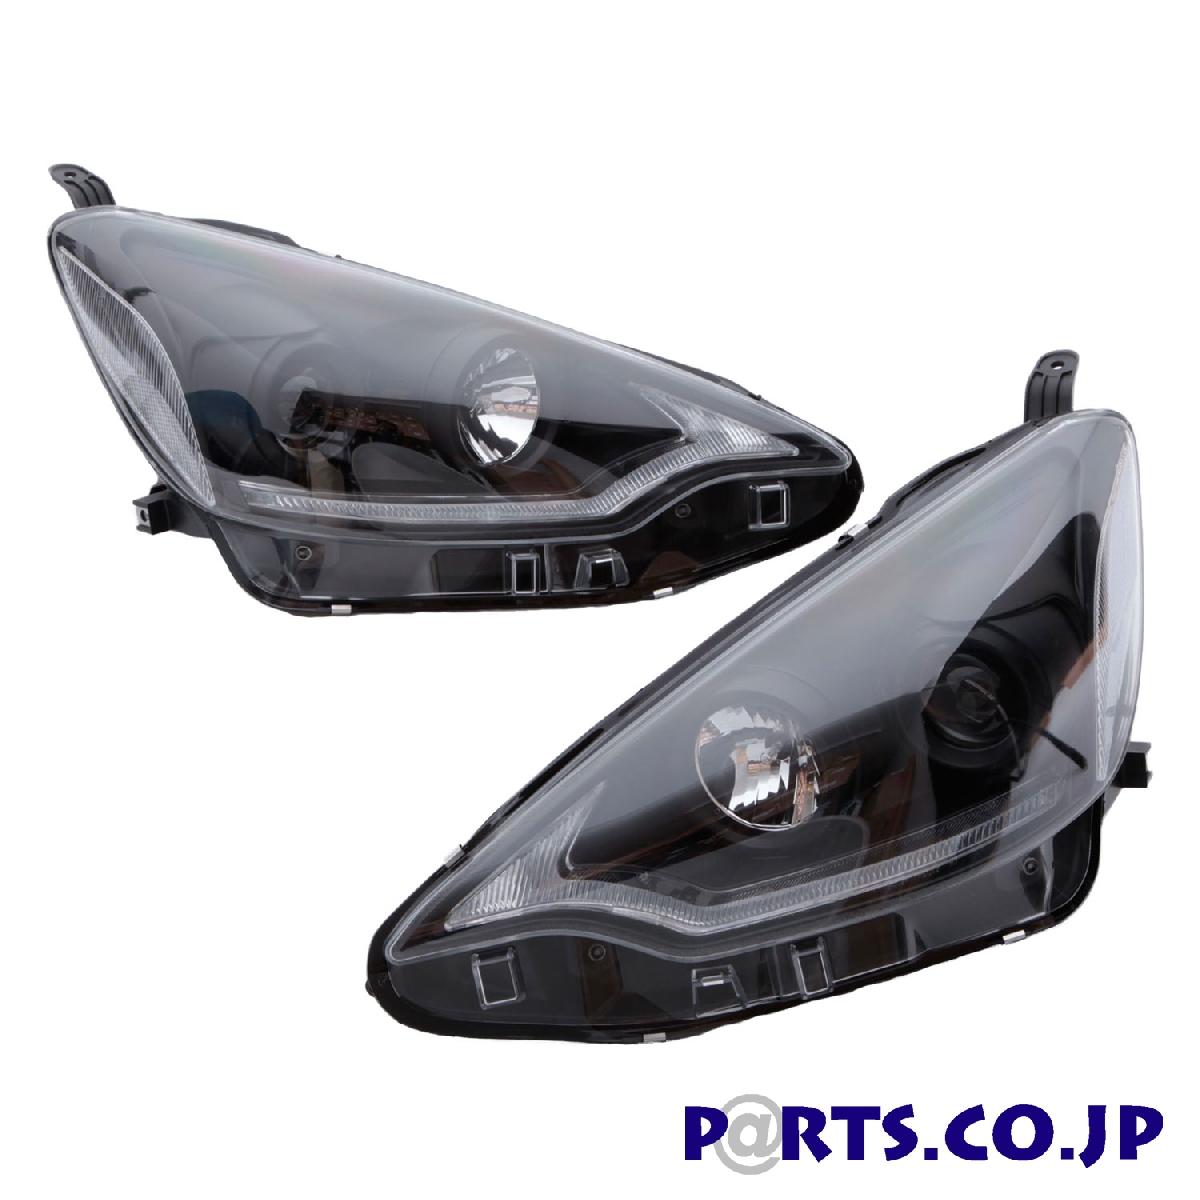 アクア ヘッドランプ アクア ブラック 12~17 DRLプロジェクターヘッドライト ハロゲン車 前期 SONAR(ソナー) トヨタ